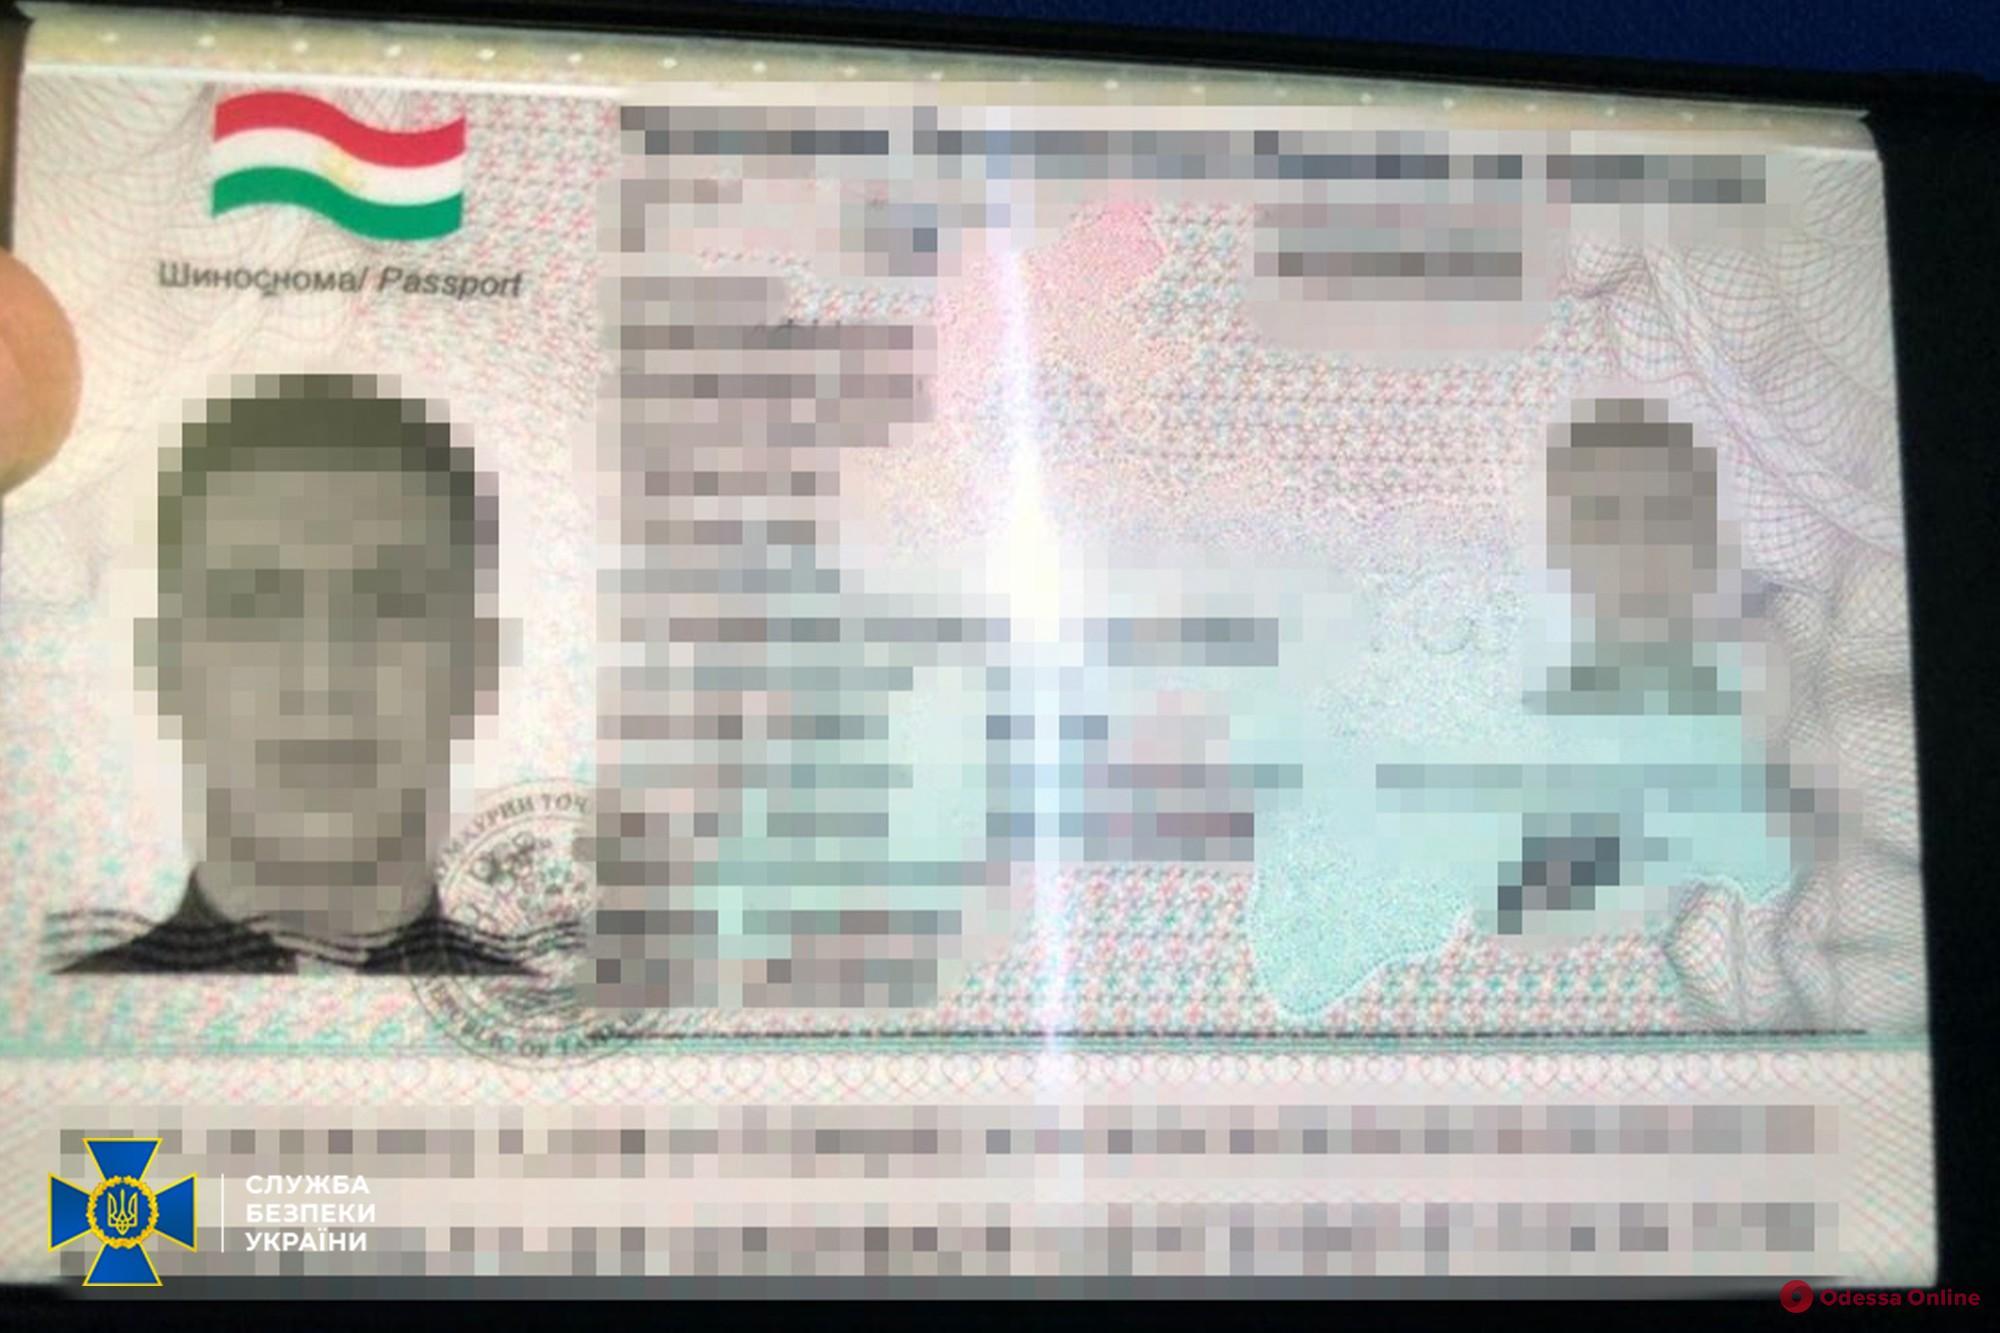 В Одесской области задержали террориста «Исламского государства»